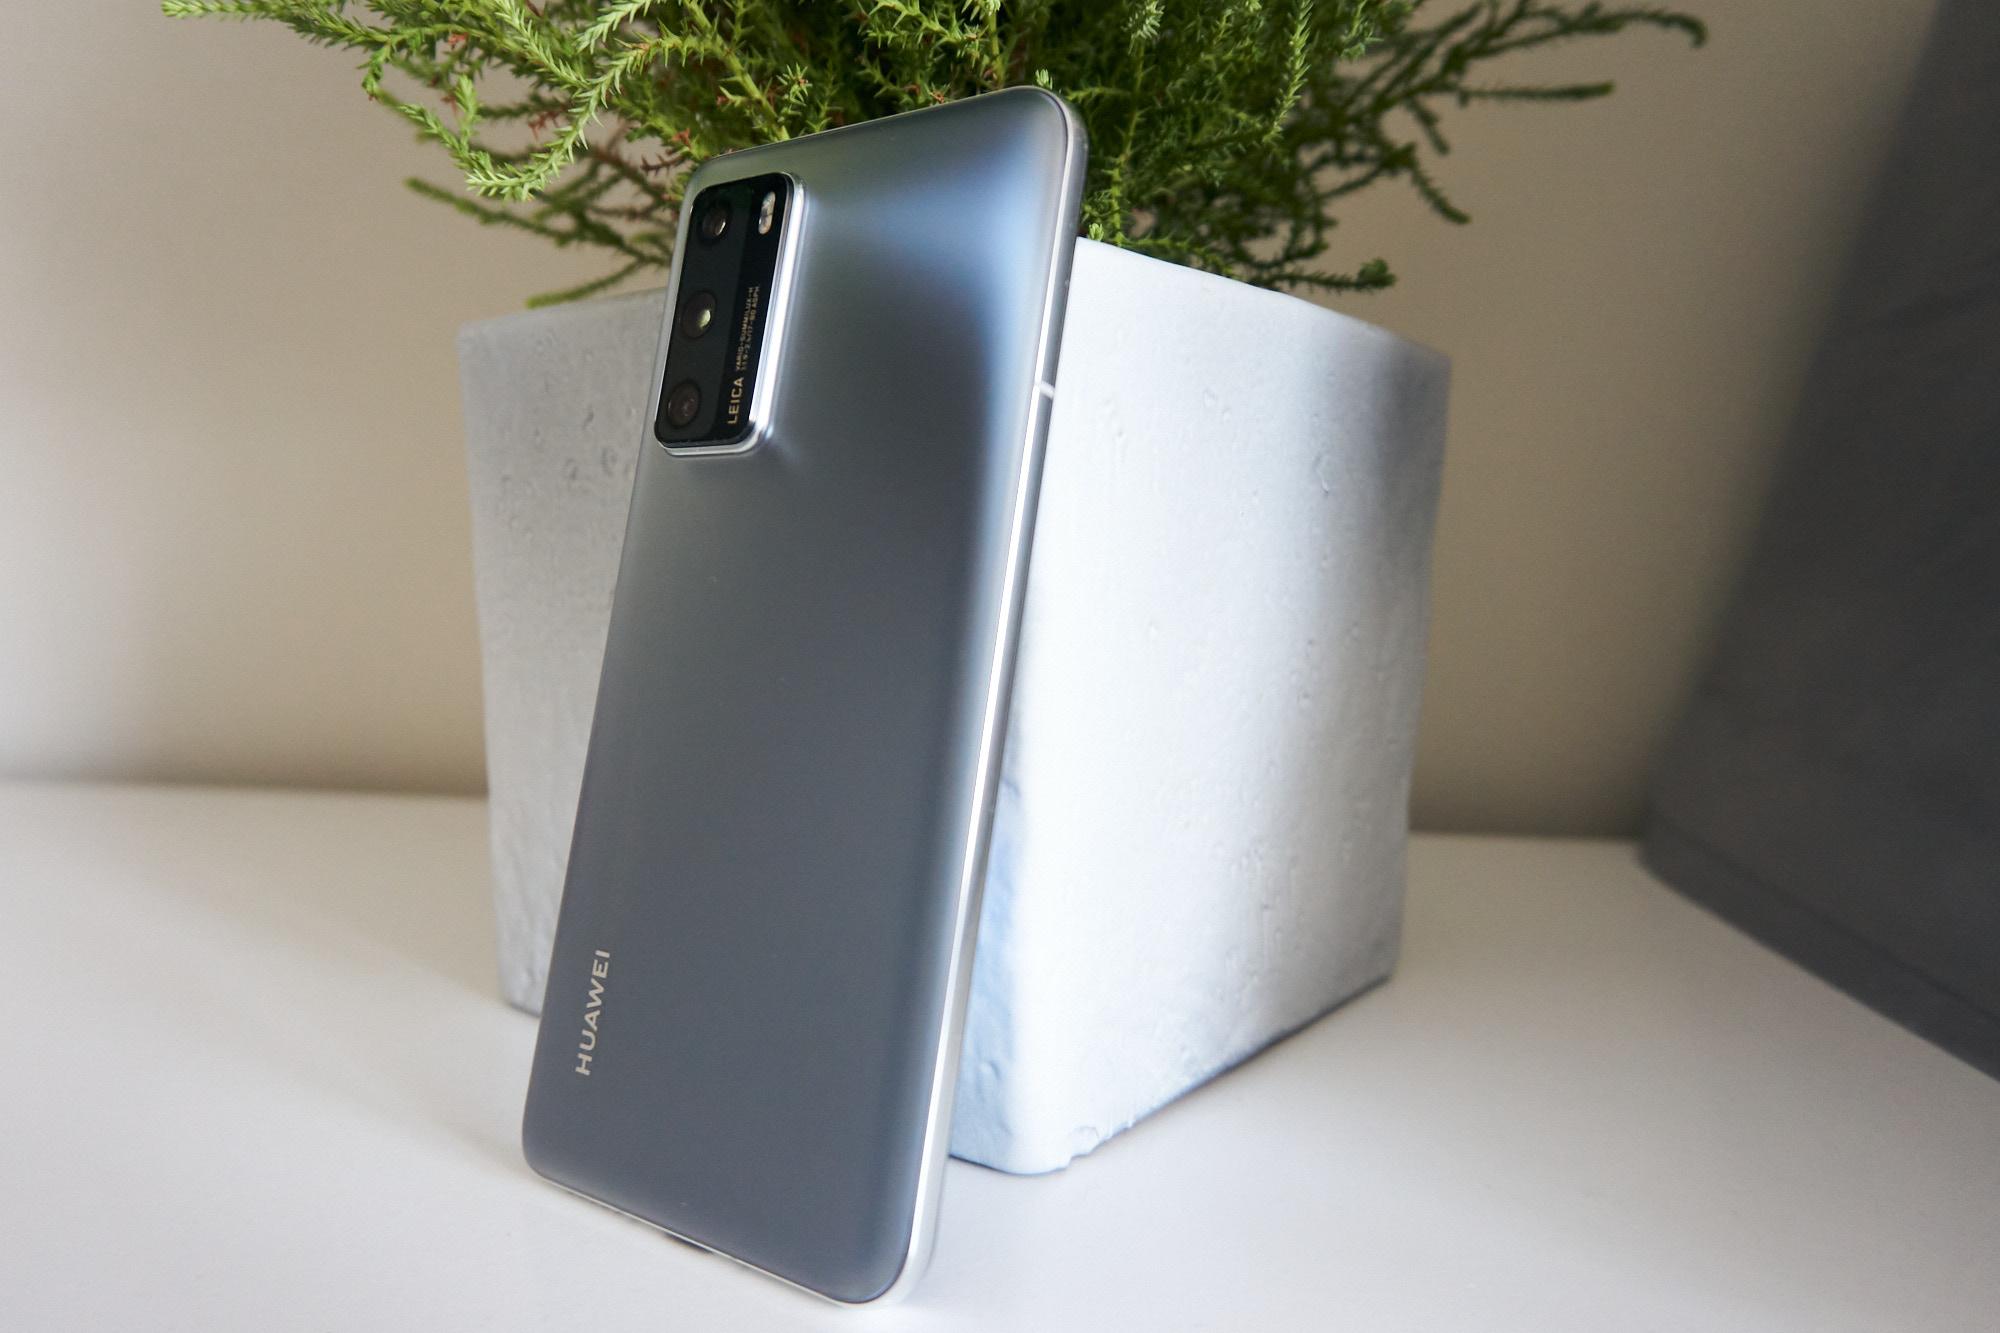 Czy wszystko musi być Pro? Recenzja podstawowego Huawei P40 20